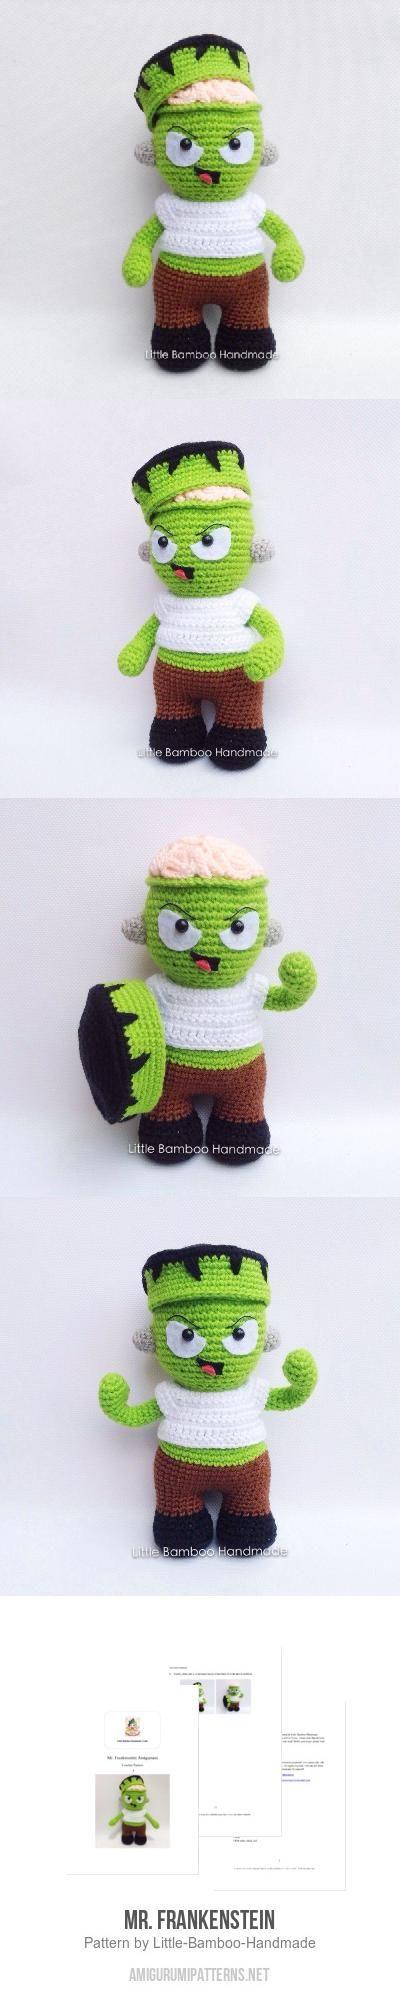 Mr. Frankenstein amigurumi pattern by Little Bamboo Handmade ...